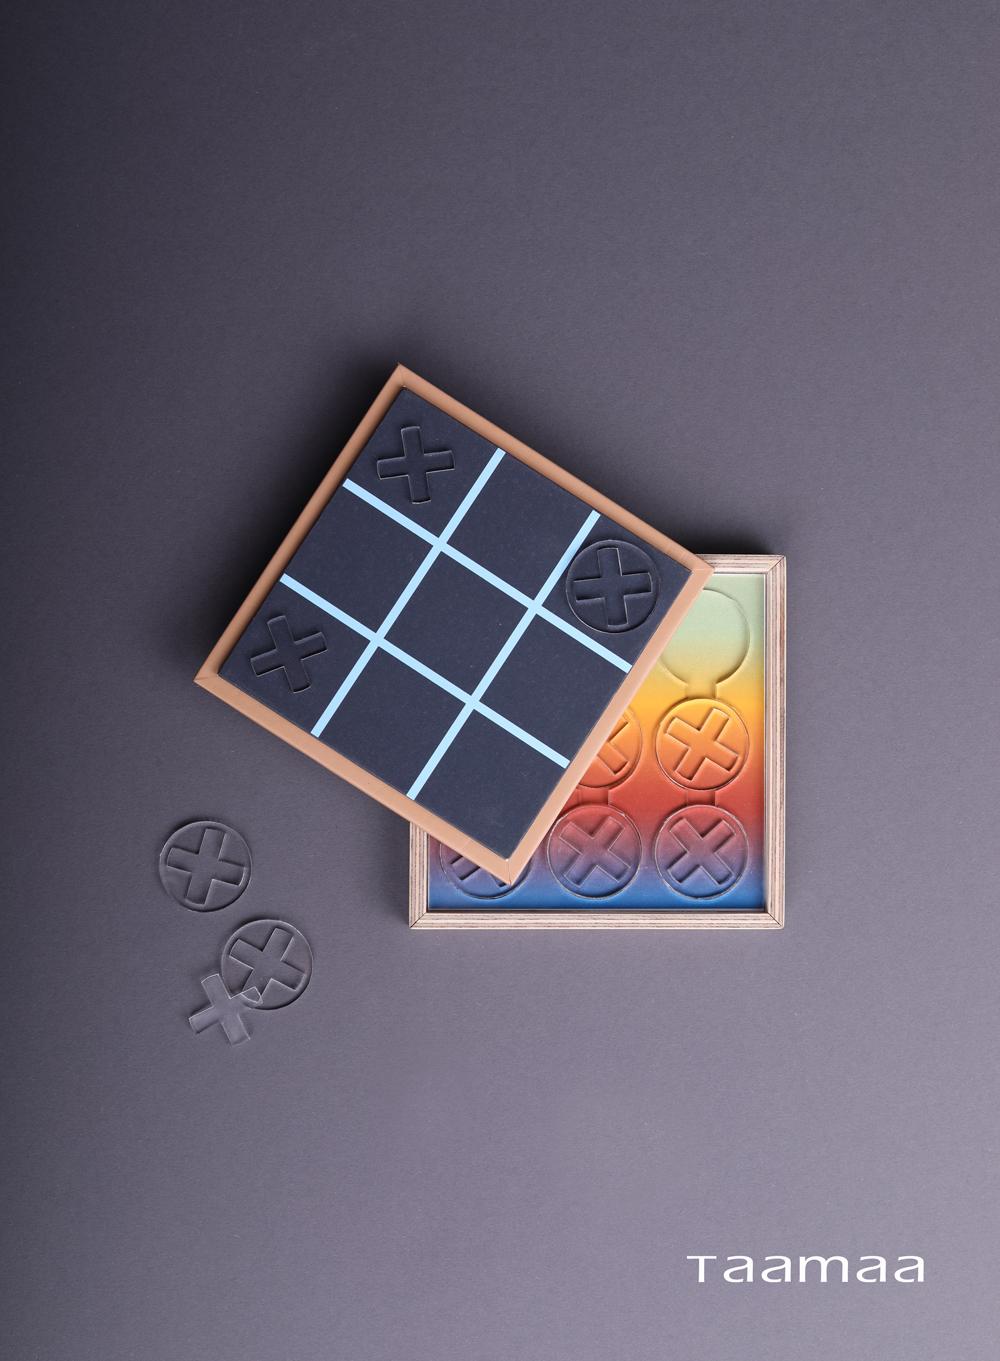 Brand-Images3.jpg